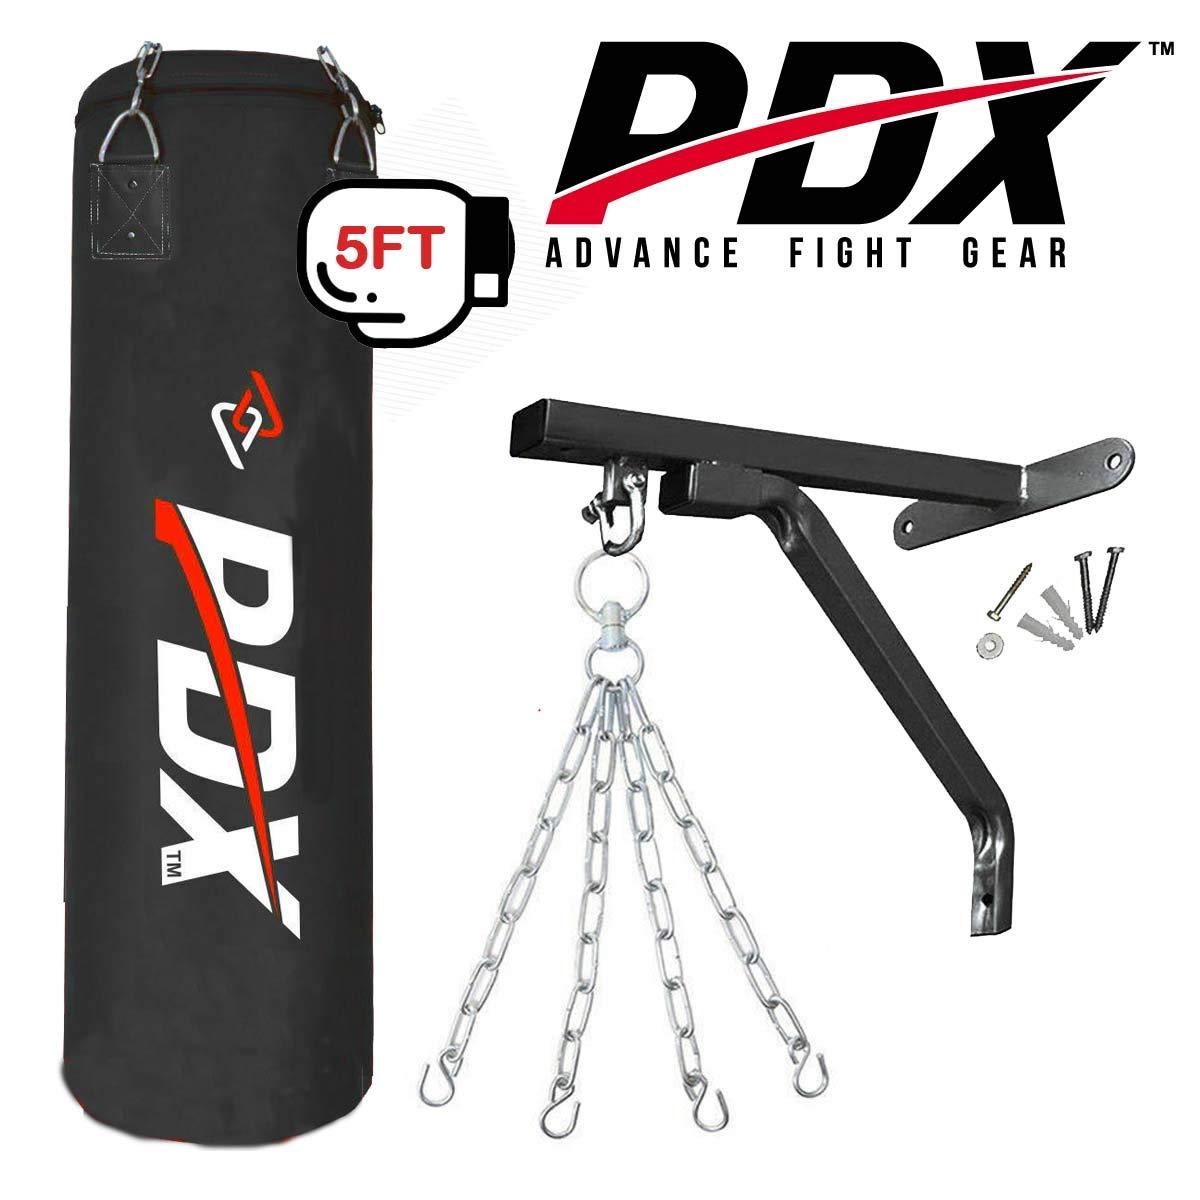 Color Negro PDX Sports Juego de Saco de Boxeo de 152 cm con Soporte para Colgar Guantes Rojo Rojo y Negro Resistente al Entrenamiento de Boxeo y Artes Marciales Verde Negro